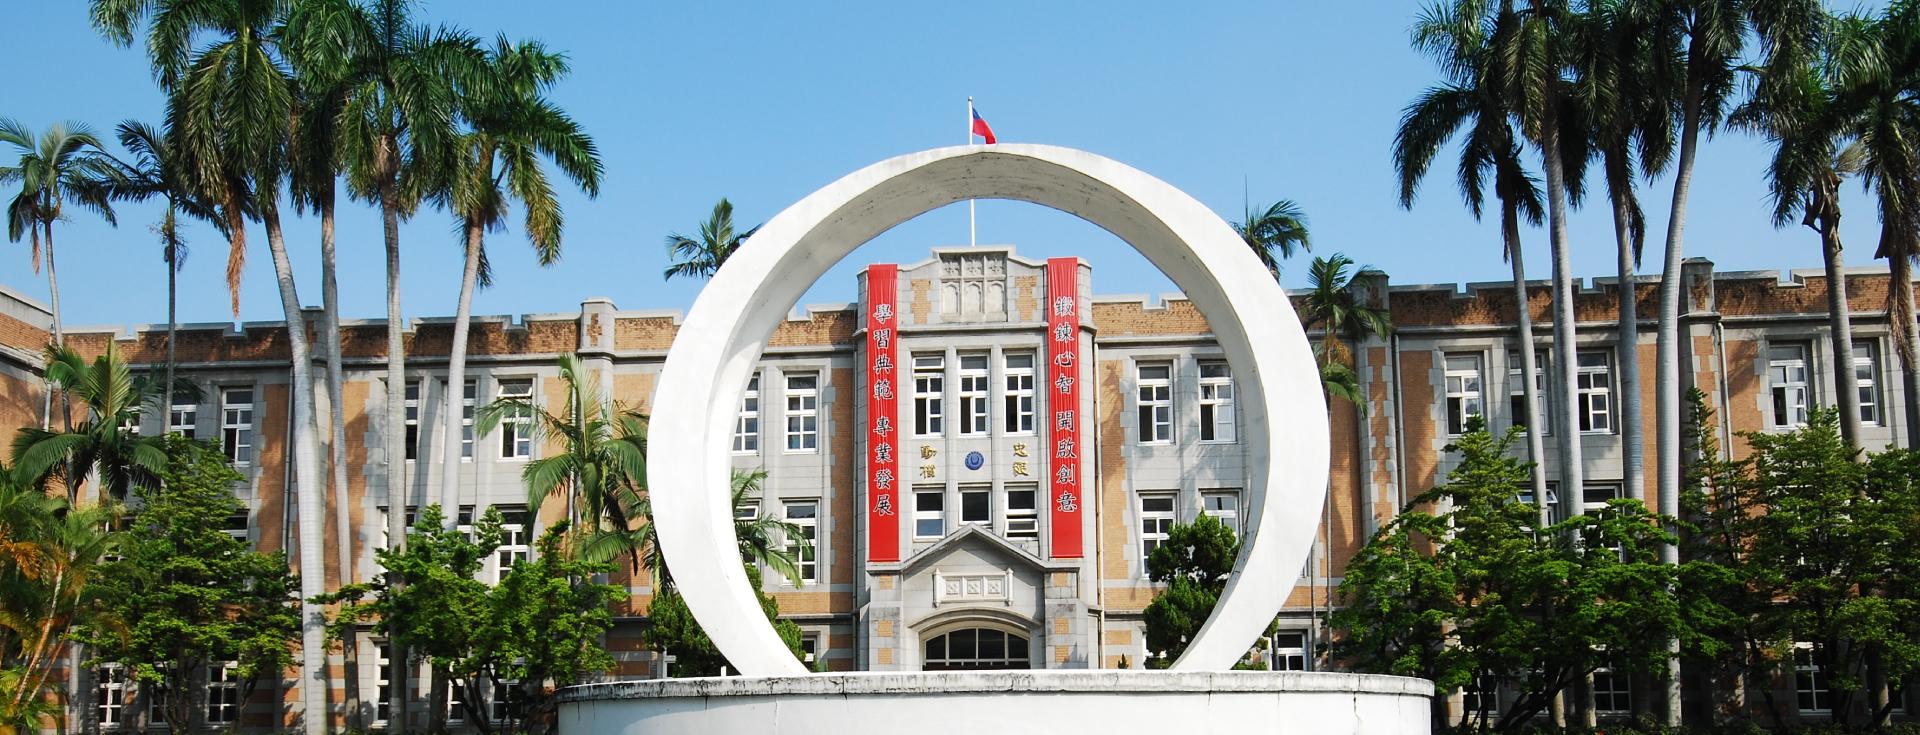 台中教育大學前棟大樓